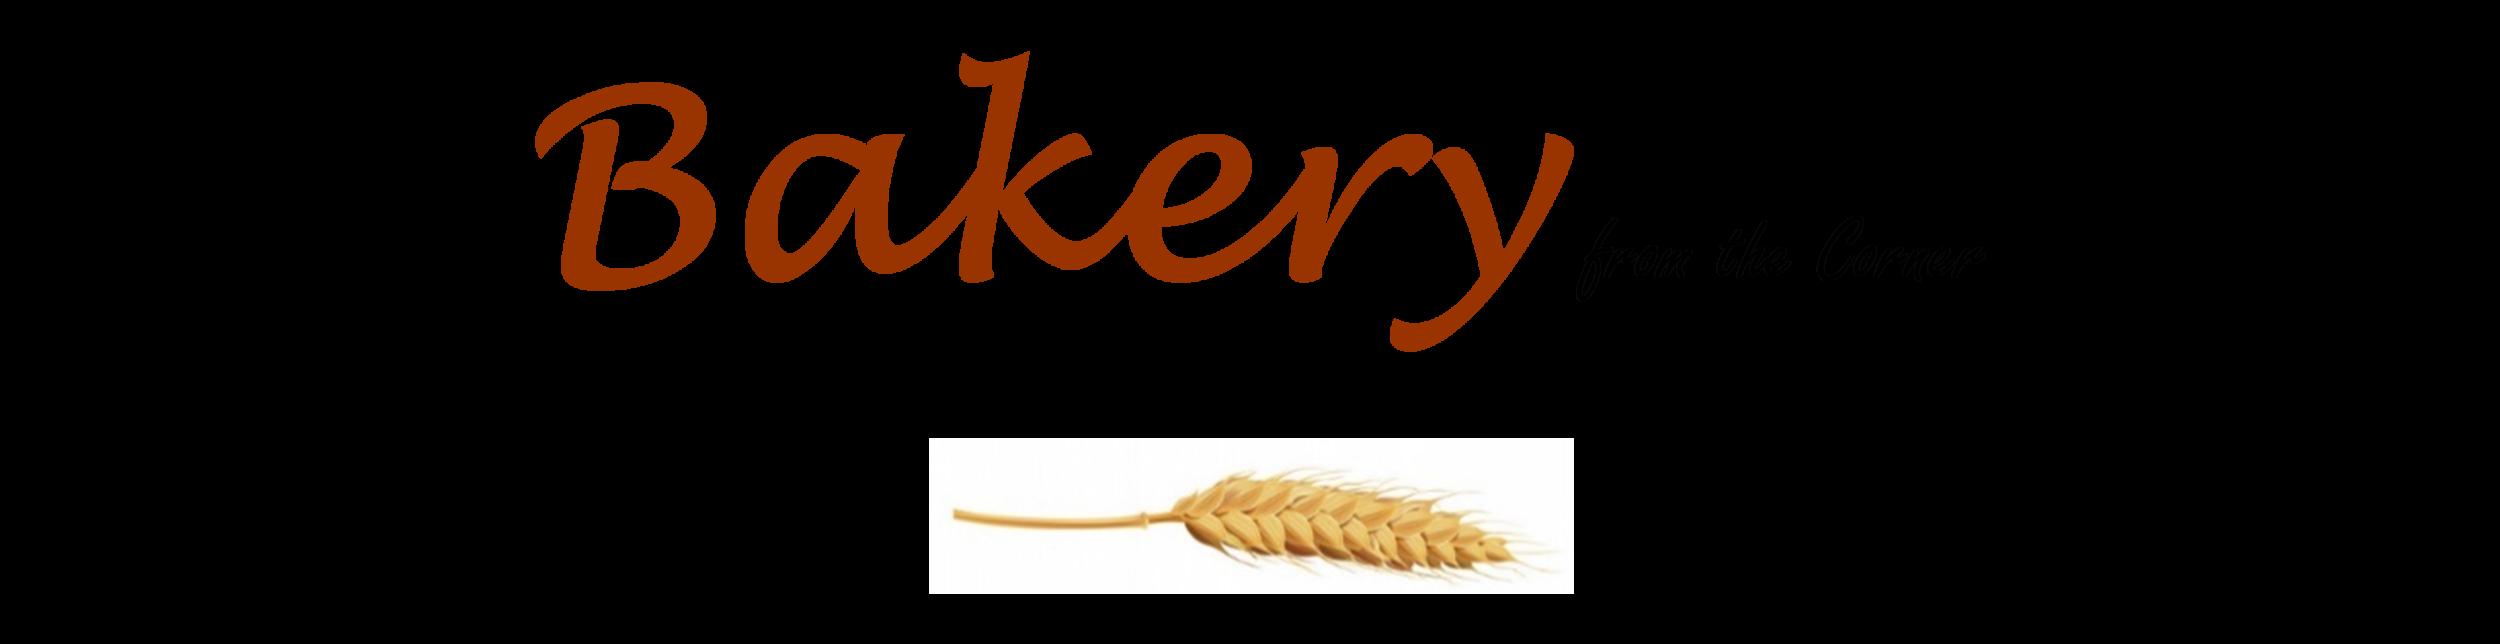 Bakeryfromthecorner